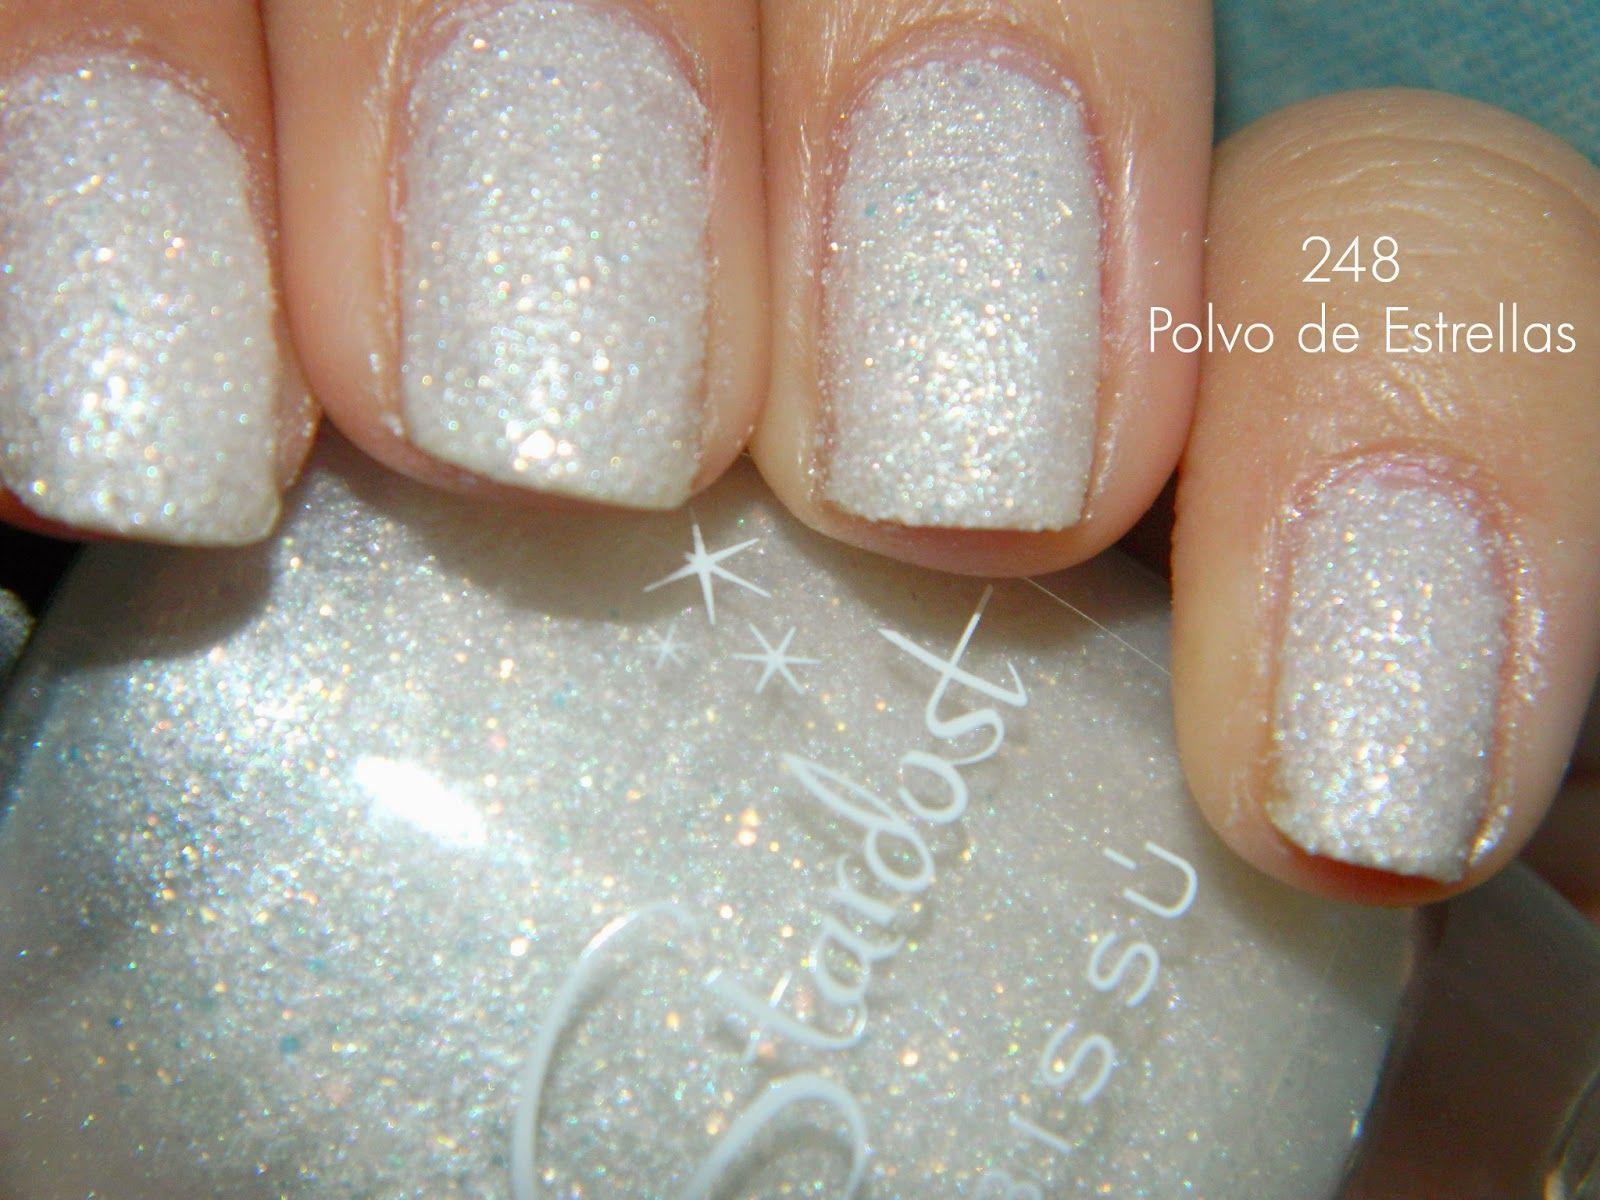 Bissu - Stardust - 248 - Polvo de estrellas | i love shopping ...